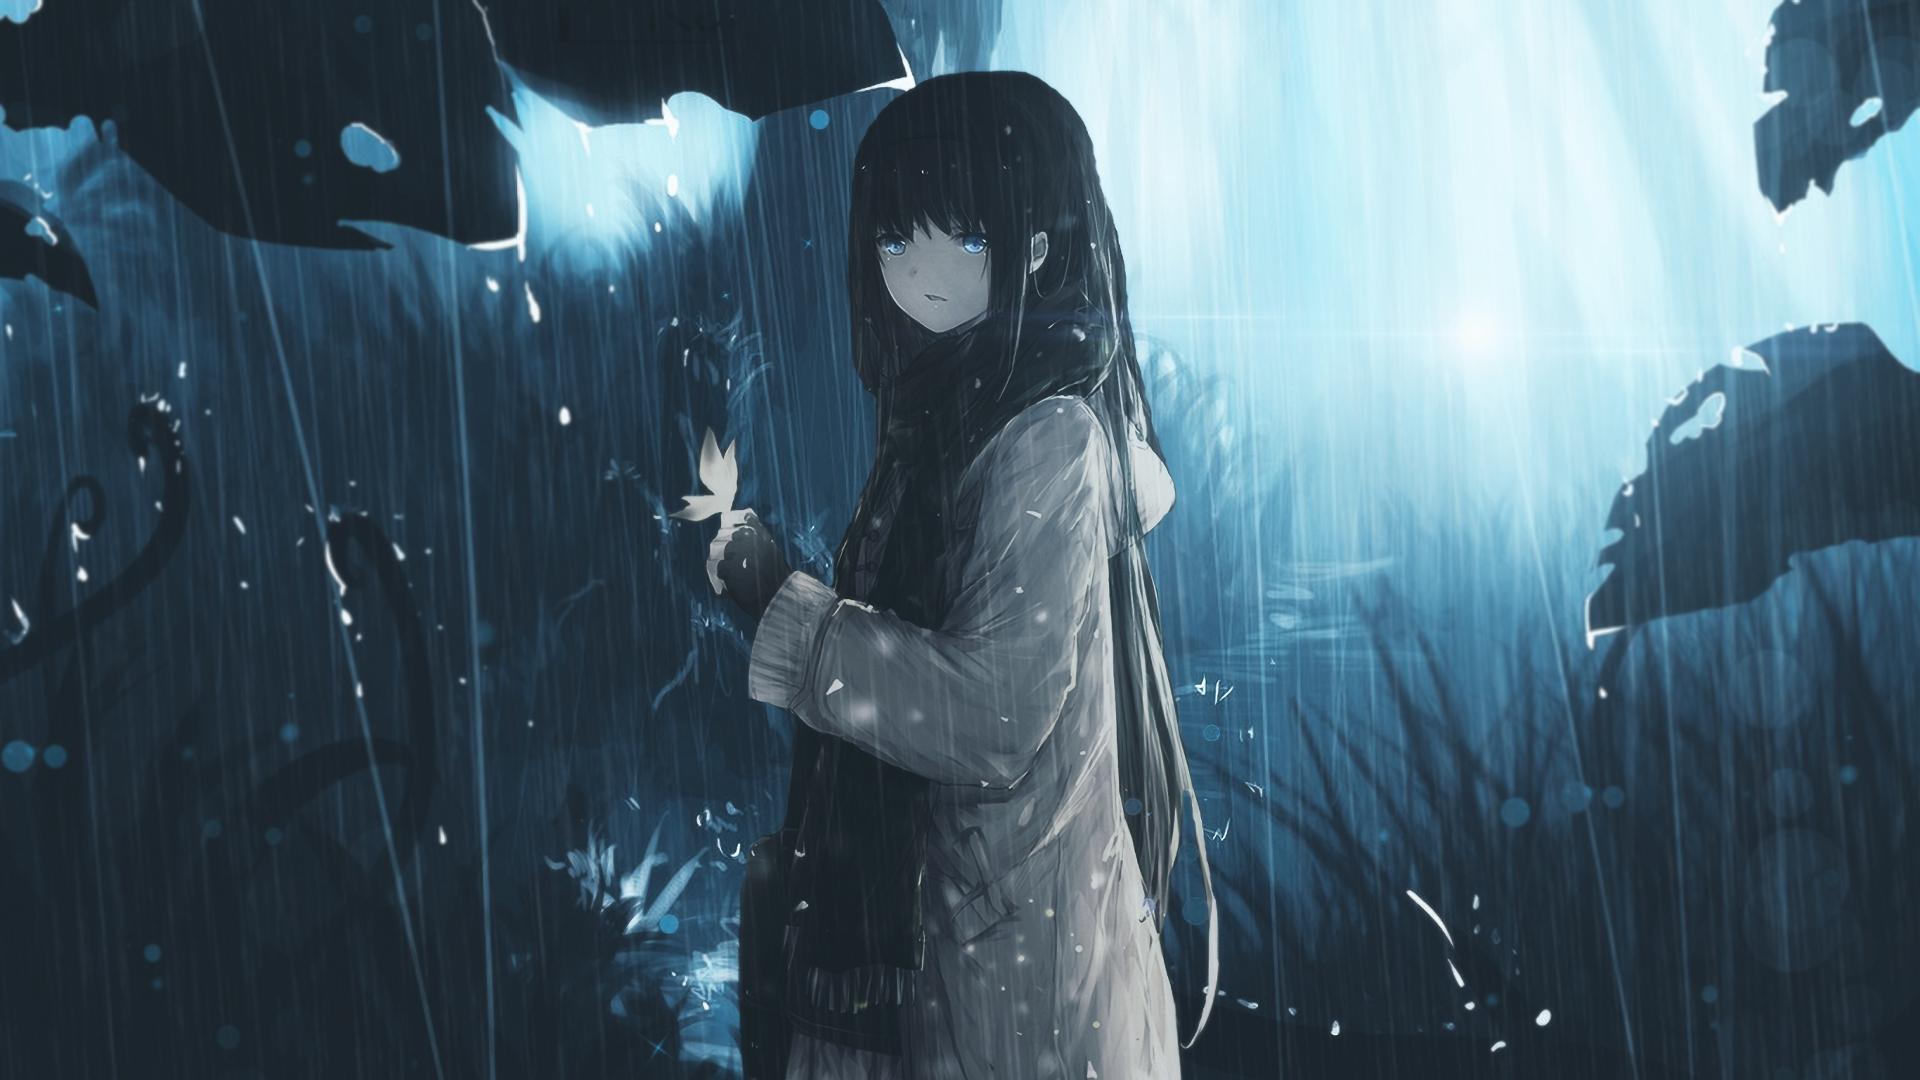 Hình nền cô gái trông có vẻ rất cô đơn dưới mưa